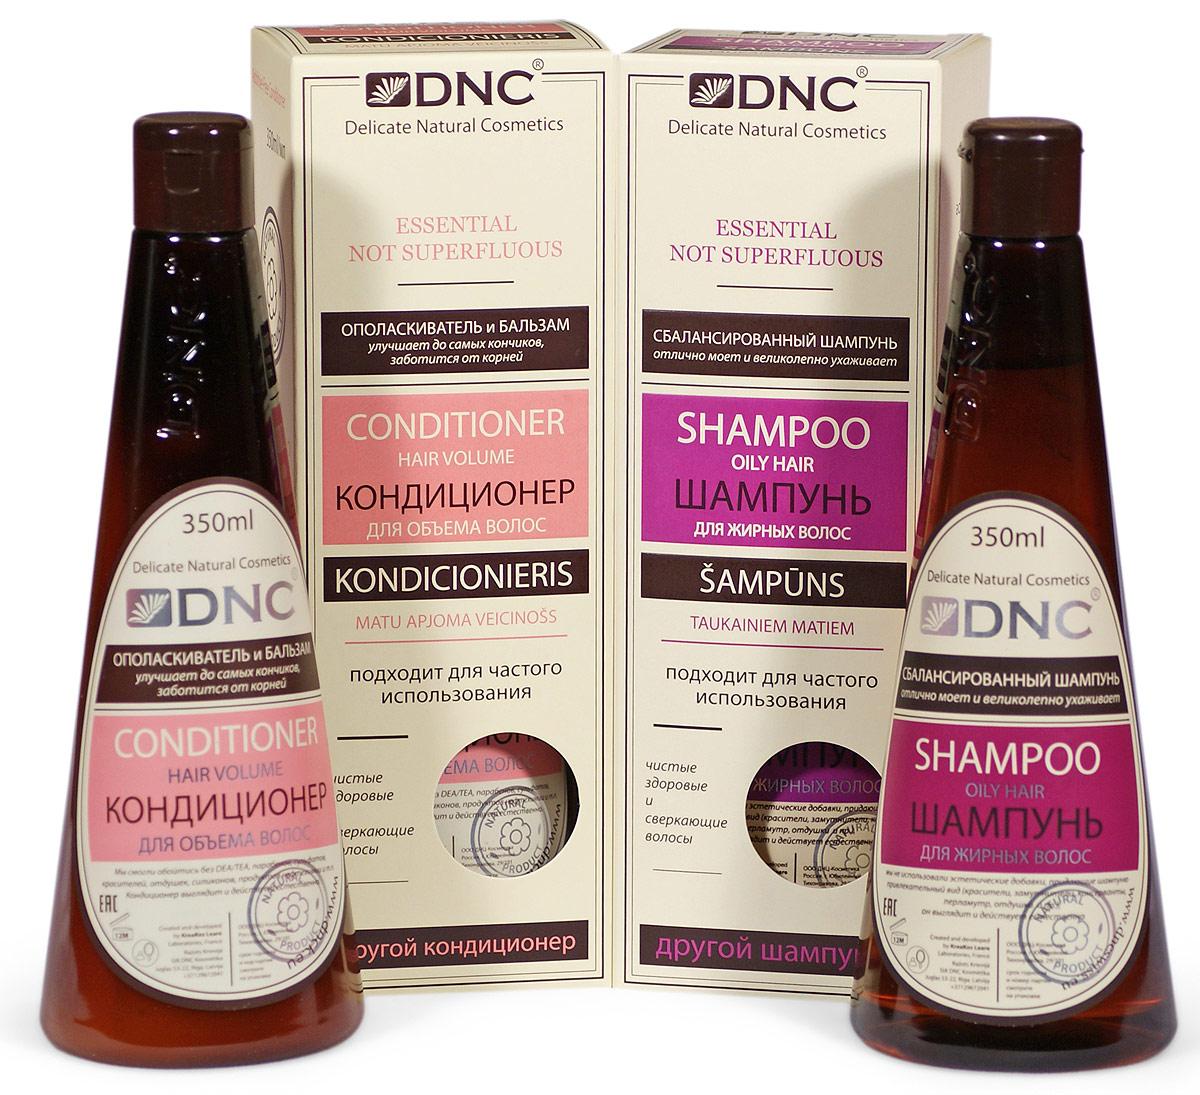 DNC Набор: Шампунь для жирных волос, 350 мл, Кондиционер для объема волос, 350 мл4751028208553Шампунь для Жирных Волос, 350 мл: Все что возможно и ничего лишнего. Виртуозно подобранное сочетание мягких очищающих компонентов. Они взаимно дополняют активность друг друга, компенсируя и нейтрализуя раздражающее действие. Встроенные в моющую систему натуральные защитные и восстанавливающие элементы помогают волосам дальше оставаться чистыми, сверкающими и здоровыми. Сложная комбинация очищающих компонентов и активных добавок помогает решать самую сложную для жирных волос задачу – избавиться от лишнего жира и не пересушить кончики волос. Комплекс помогает уменьшить активность сальных желез, не травмируя структуру и не разрушая защитную оболочку волос. Позволяет волосам долго оставаться свежими, мягкими и шелковистыми.Кондиционер для объема волос, 350 мл: Комплекс компонентов кондиционера упрочняет эластичный каркас волос, действующий, как пружина, не дающая волосам опускаться и плотно прилегать друг к другу. Это создает дополнительный видимый объем волос. А интенсивное увлажнение и обволакивающий защитный слой наращивают толщину каждого волоска, увеличивая плотность и способствуя пышной и устойчивой укладке. Питающий и стимулирующий состав бальзама улучшает состояние волос и активизирует их рост.